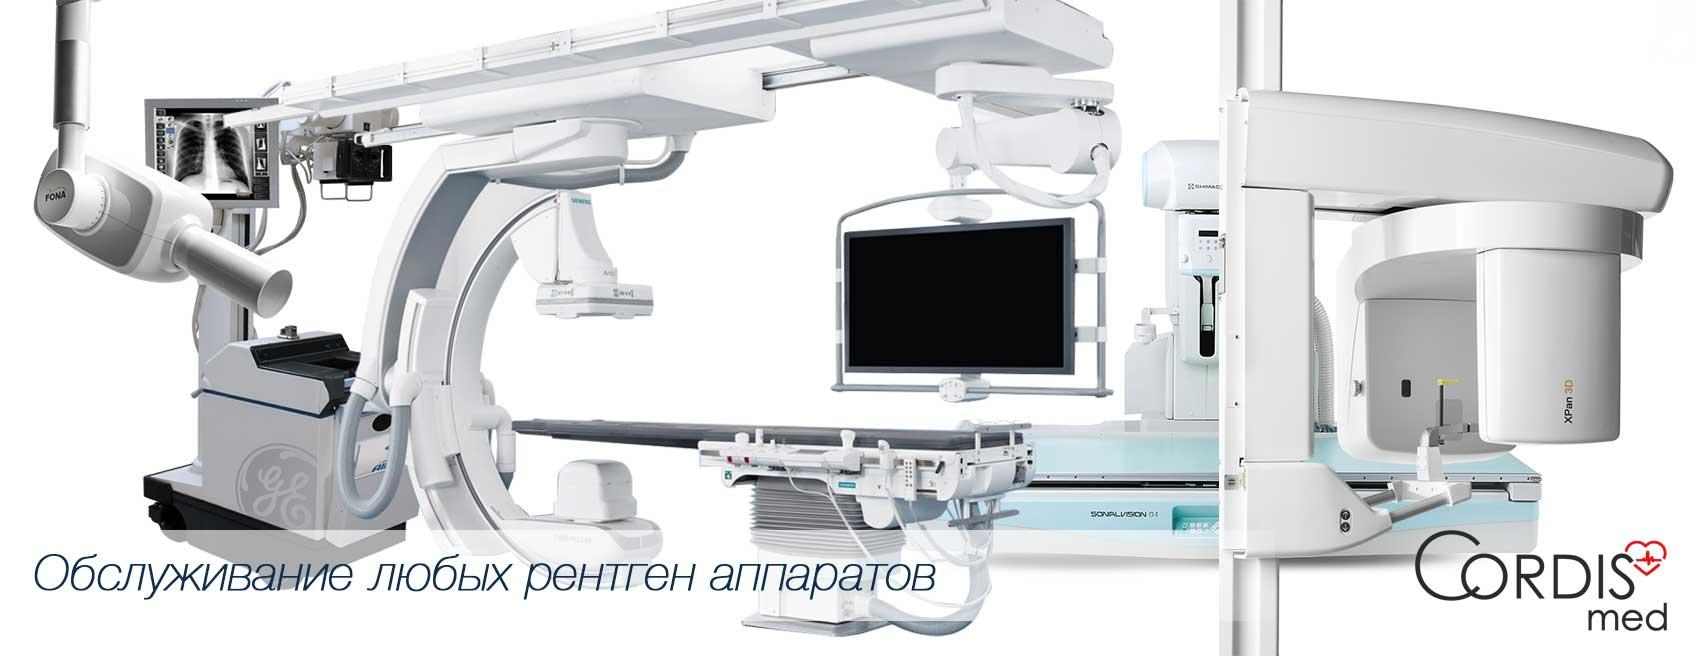 Обслуживание рентгена, рентген аппарата, рентгеновского оборудования